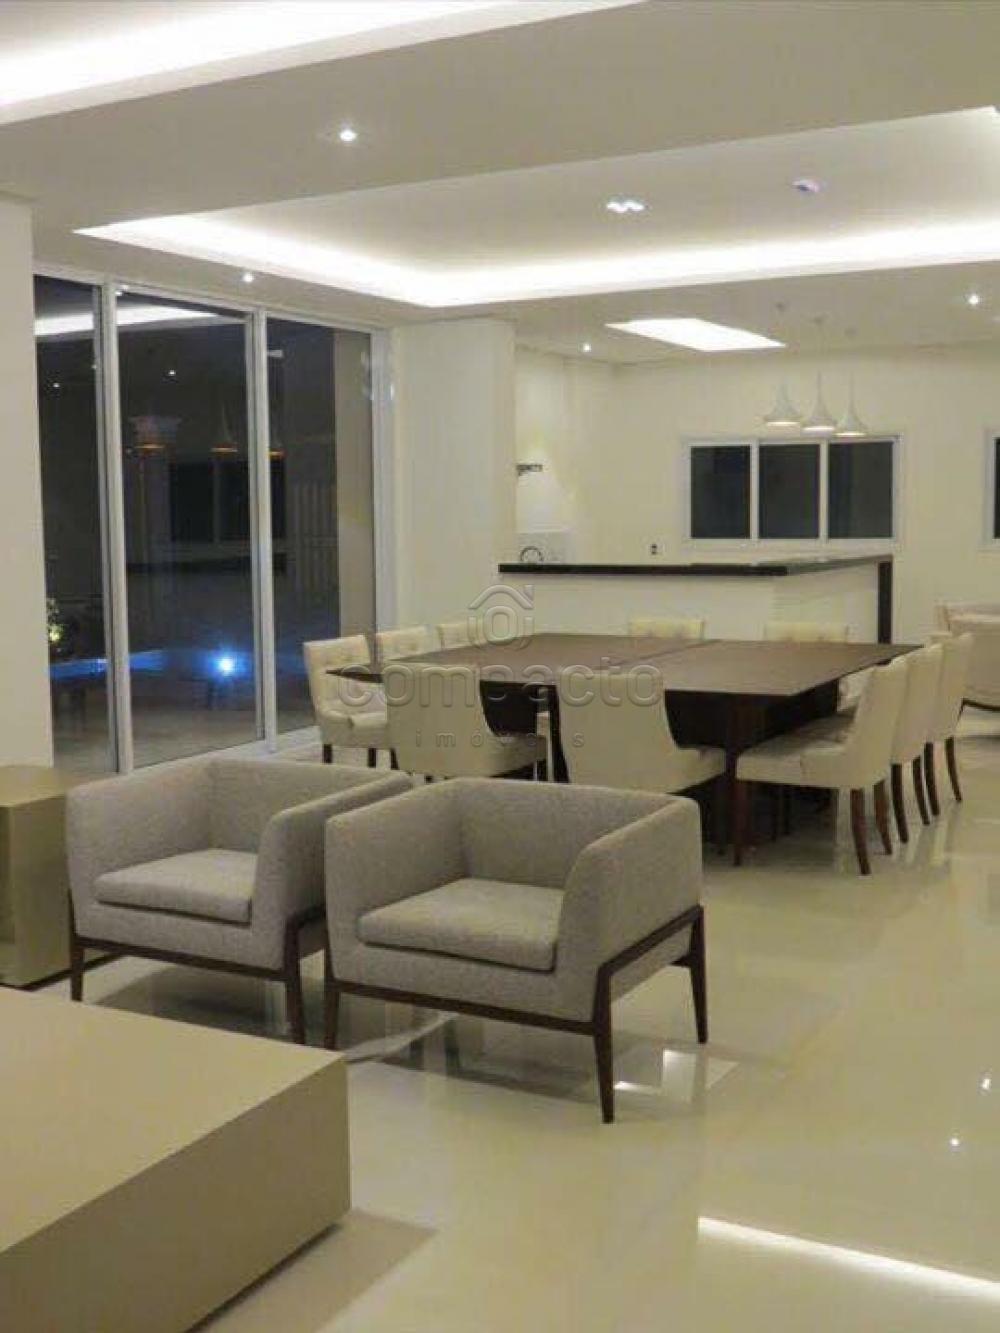 Comprar Apartamento / Padrão em São José do Rio Preto apenas R$ 400.000,00 - Foto 2